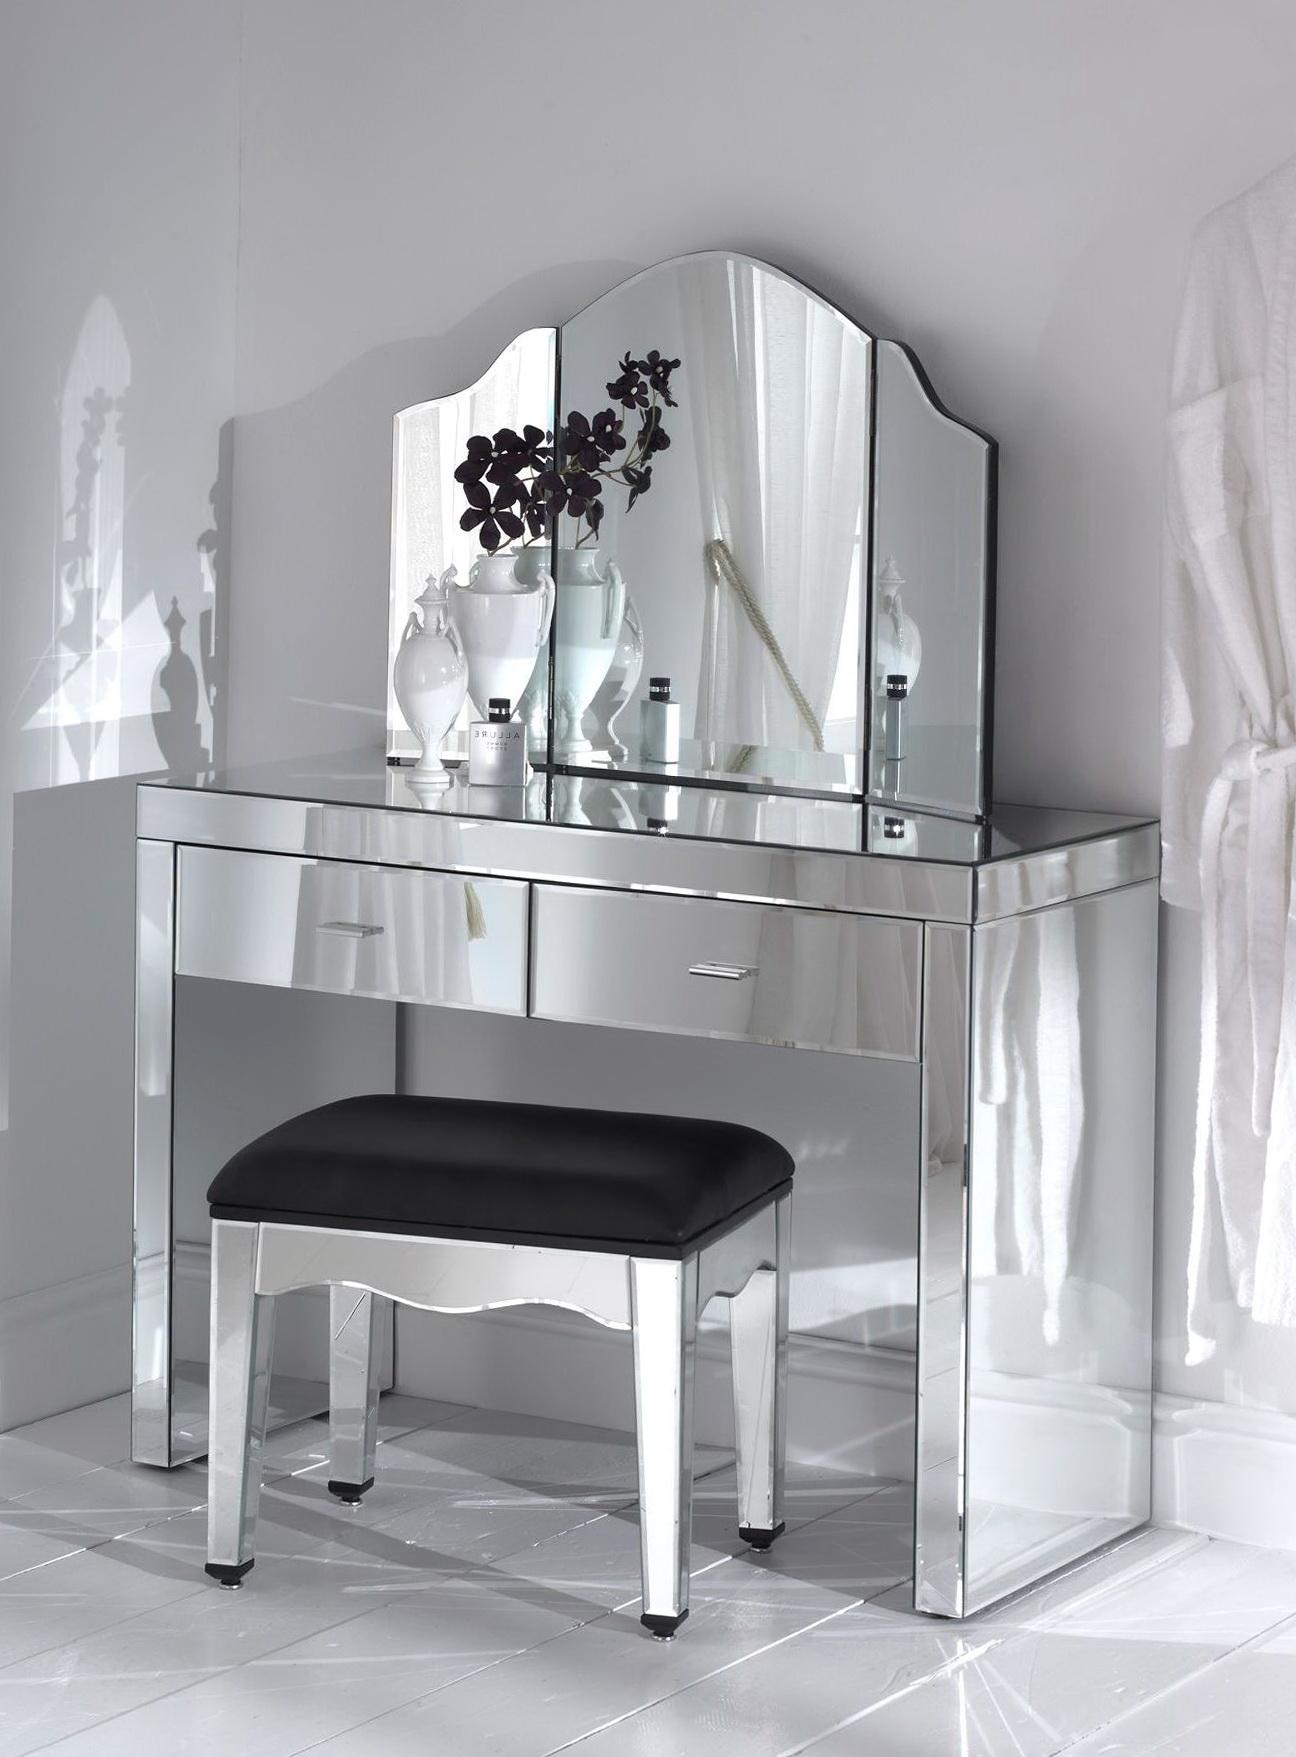 Lighted vanity mirrors for bedroom ideas 17 diy vanity for Schminktisch ikea weiay